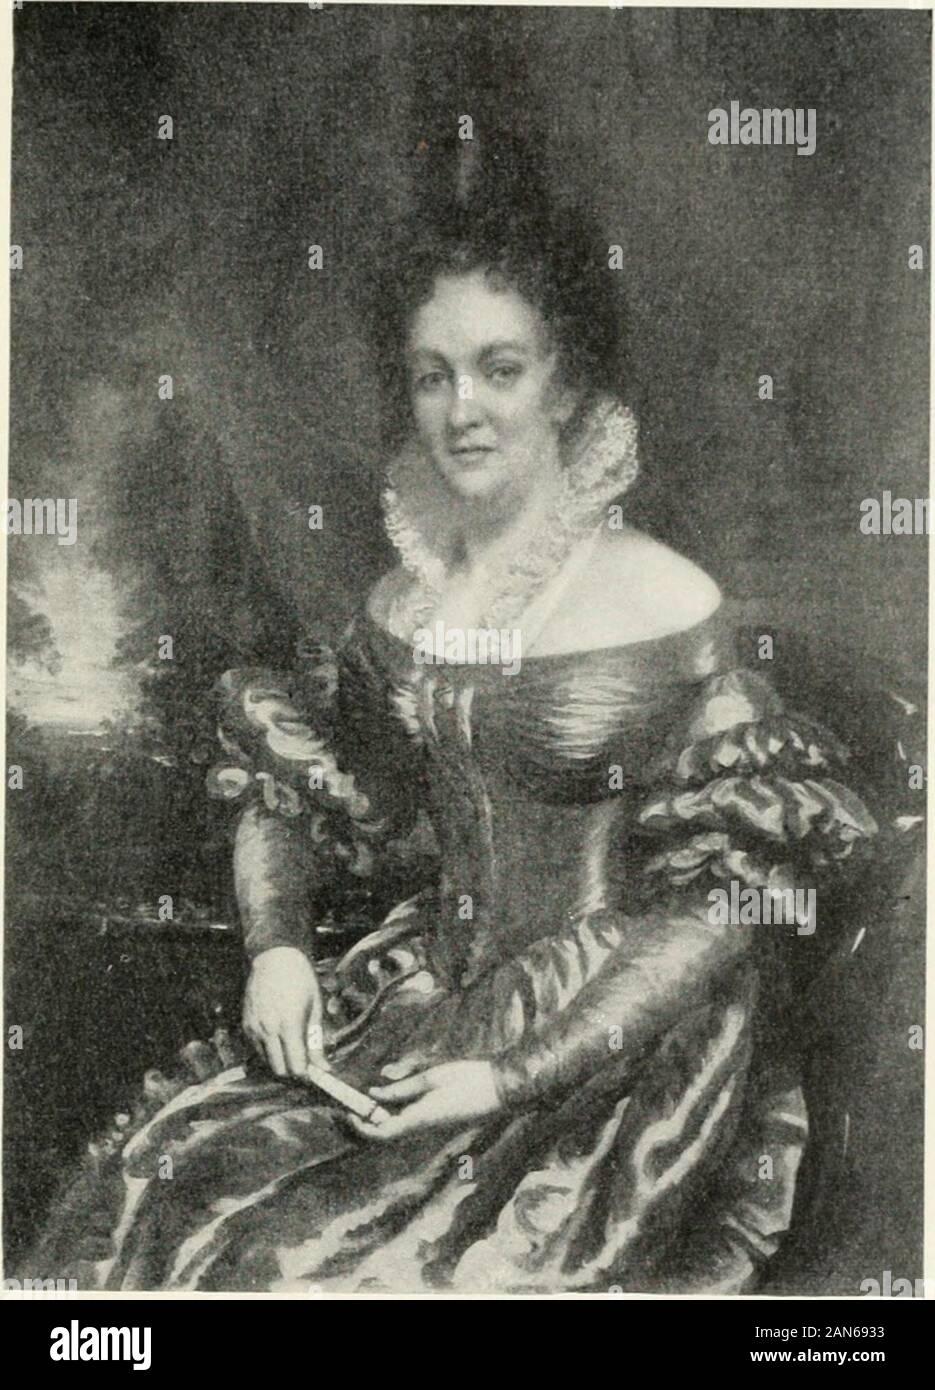 Crónicas de una escuela pionera desde 1792 a 1833 [recurso electrónico] : la historia de Miss Sarah Pierce y su escuela Litchfield . En ^10- los gastos escolares ^^ $10,.42Exposición impuestos^ m12 10n54iReceived de la Sra. H. Otorgar looocl 1-51 9 3 Por Reed L. E. pago puntal Litchfield Abril 19i^ 1831firmado por la Sra. puntal. Nueva York, martes, Jany 27th, 1831, 32 o 33.) Mi querida señorita Pierce : Su amabilidad y la de toda su familia hacia mí y minelast verano, me induce a pensar una carta mía no beunacceptable. A menudo pienso con satisfacción de la tranquila, saludable y pleasanttime I P Foto de stock